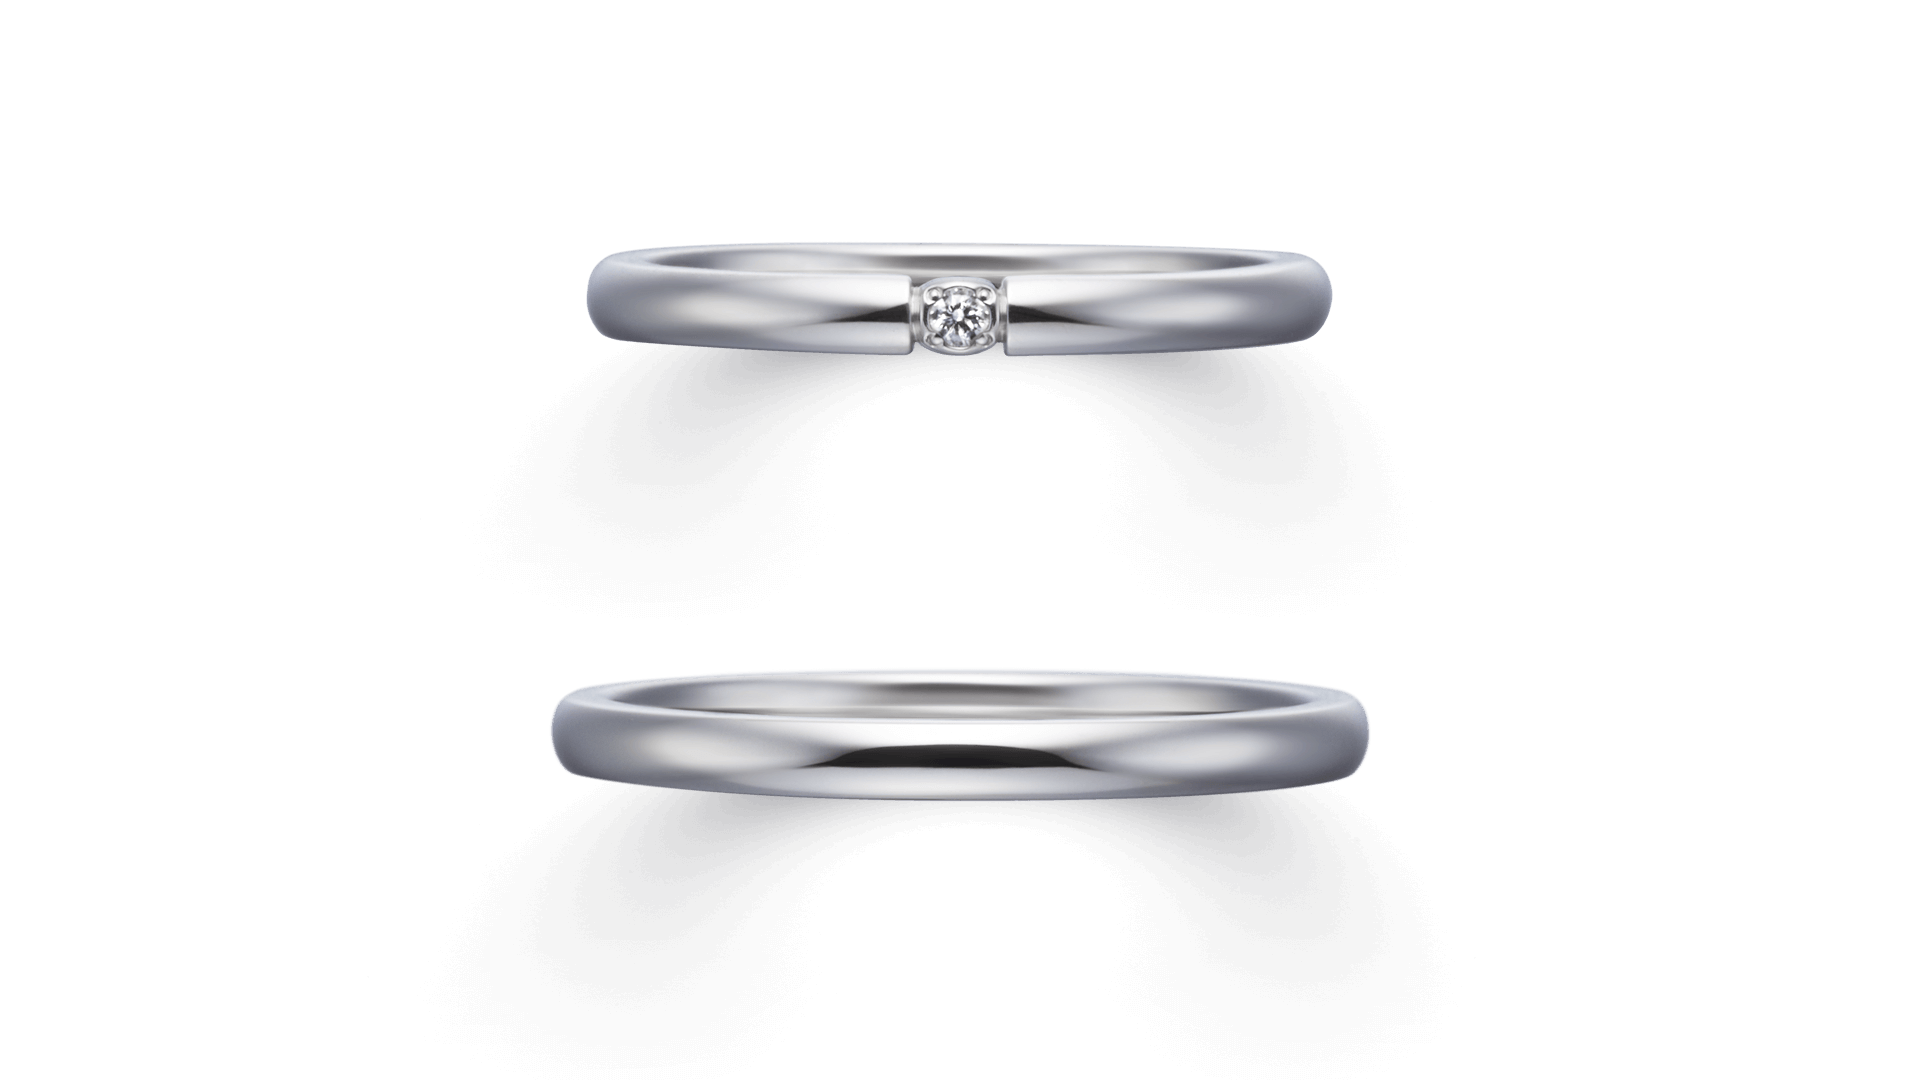 nereus ネレイス | 結婚指輪サムネイル 1